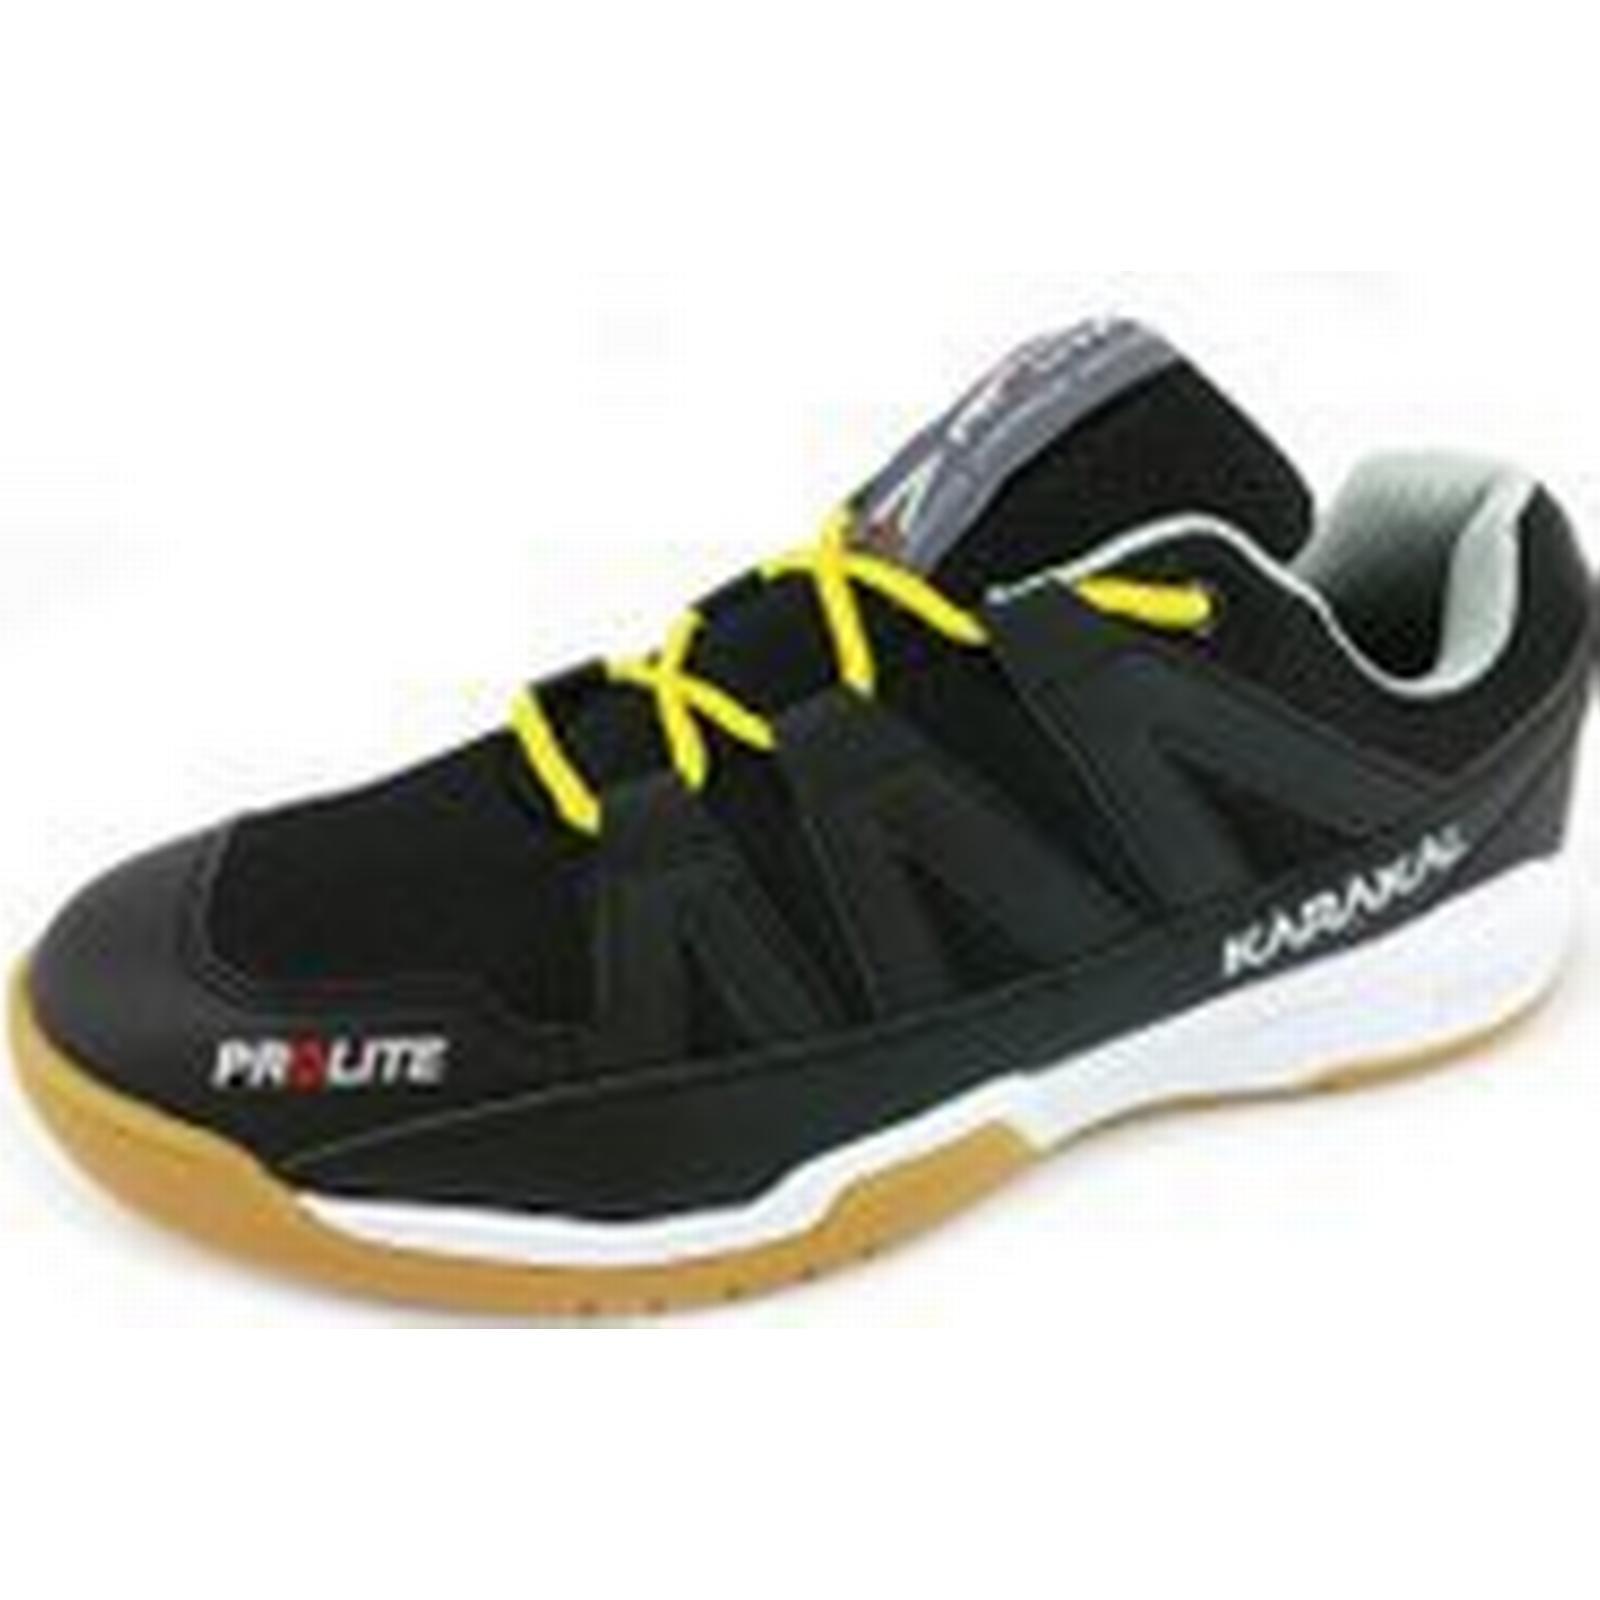 Karakal Prolite Indoor Court UK Shoes - Black, 9 UK Court 7fc821